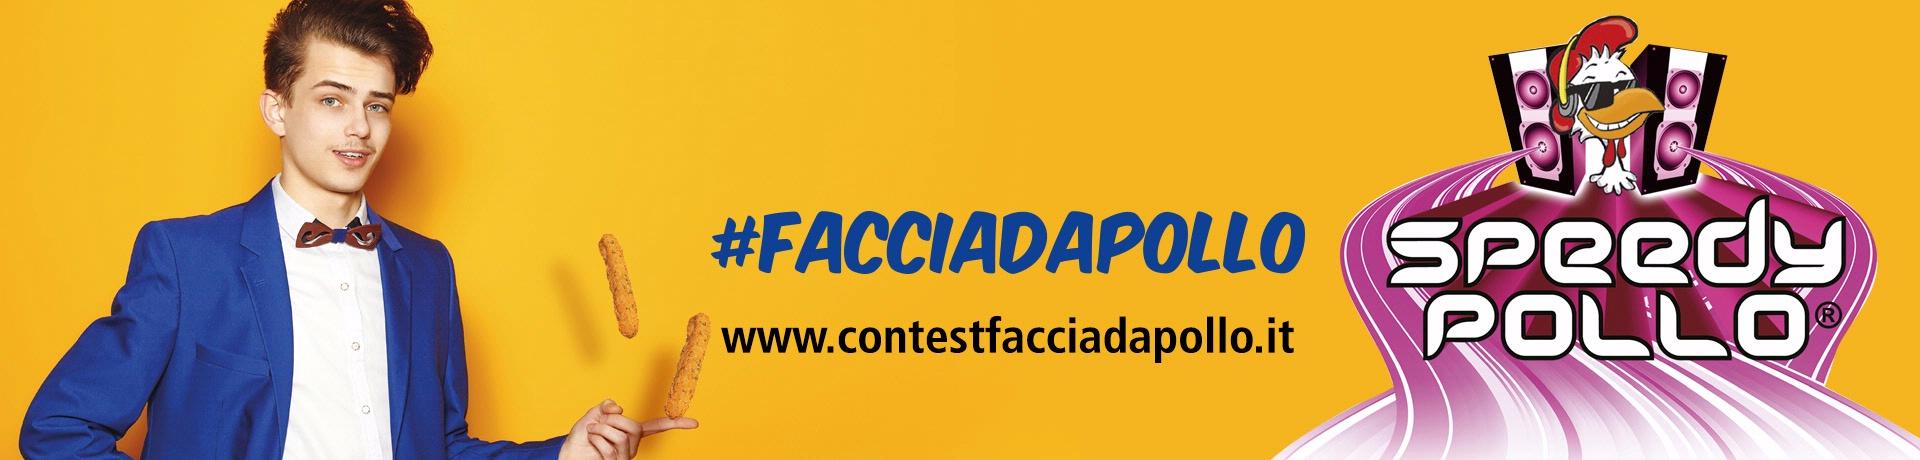 Tu di che faccia sei? Partecipa al nuovo contest #facciadapollo e vinci un iPhone7 e molti altri premi!